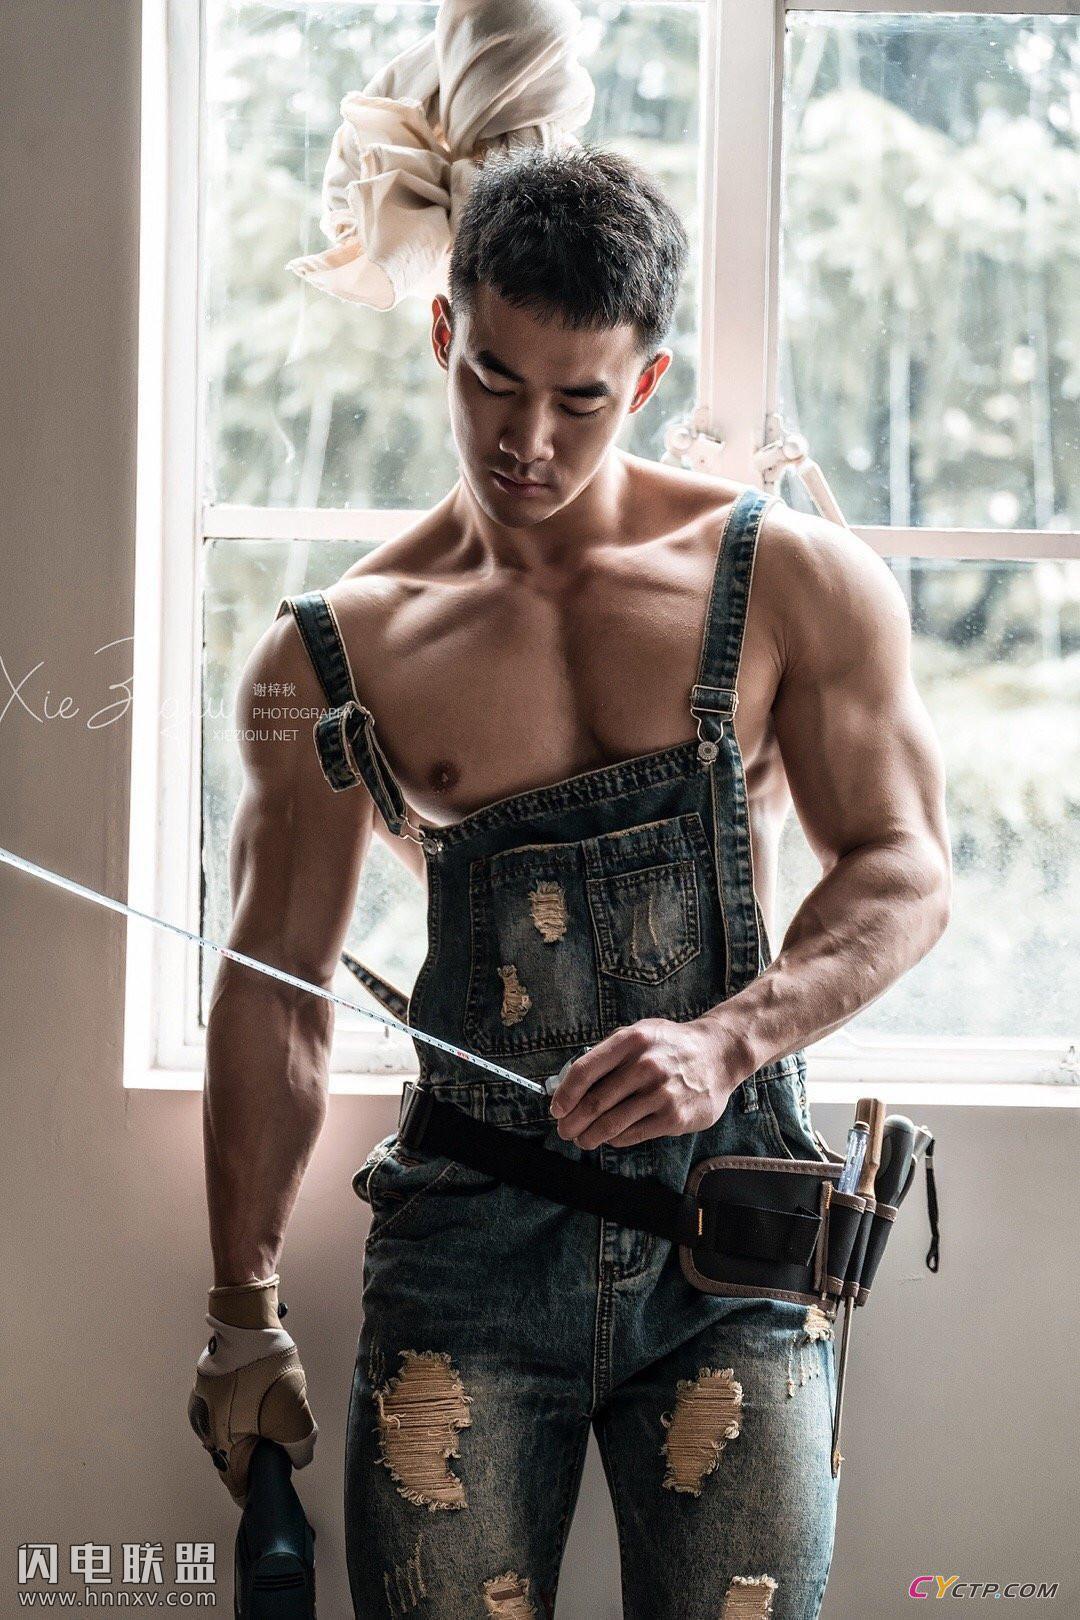 搜同网肌肉男艺术摄影写真图片